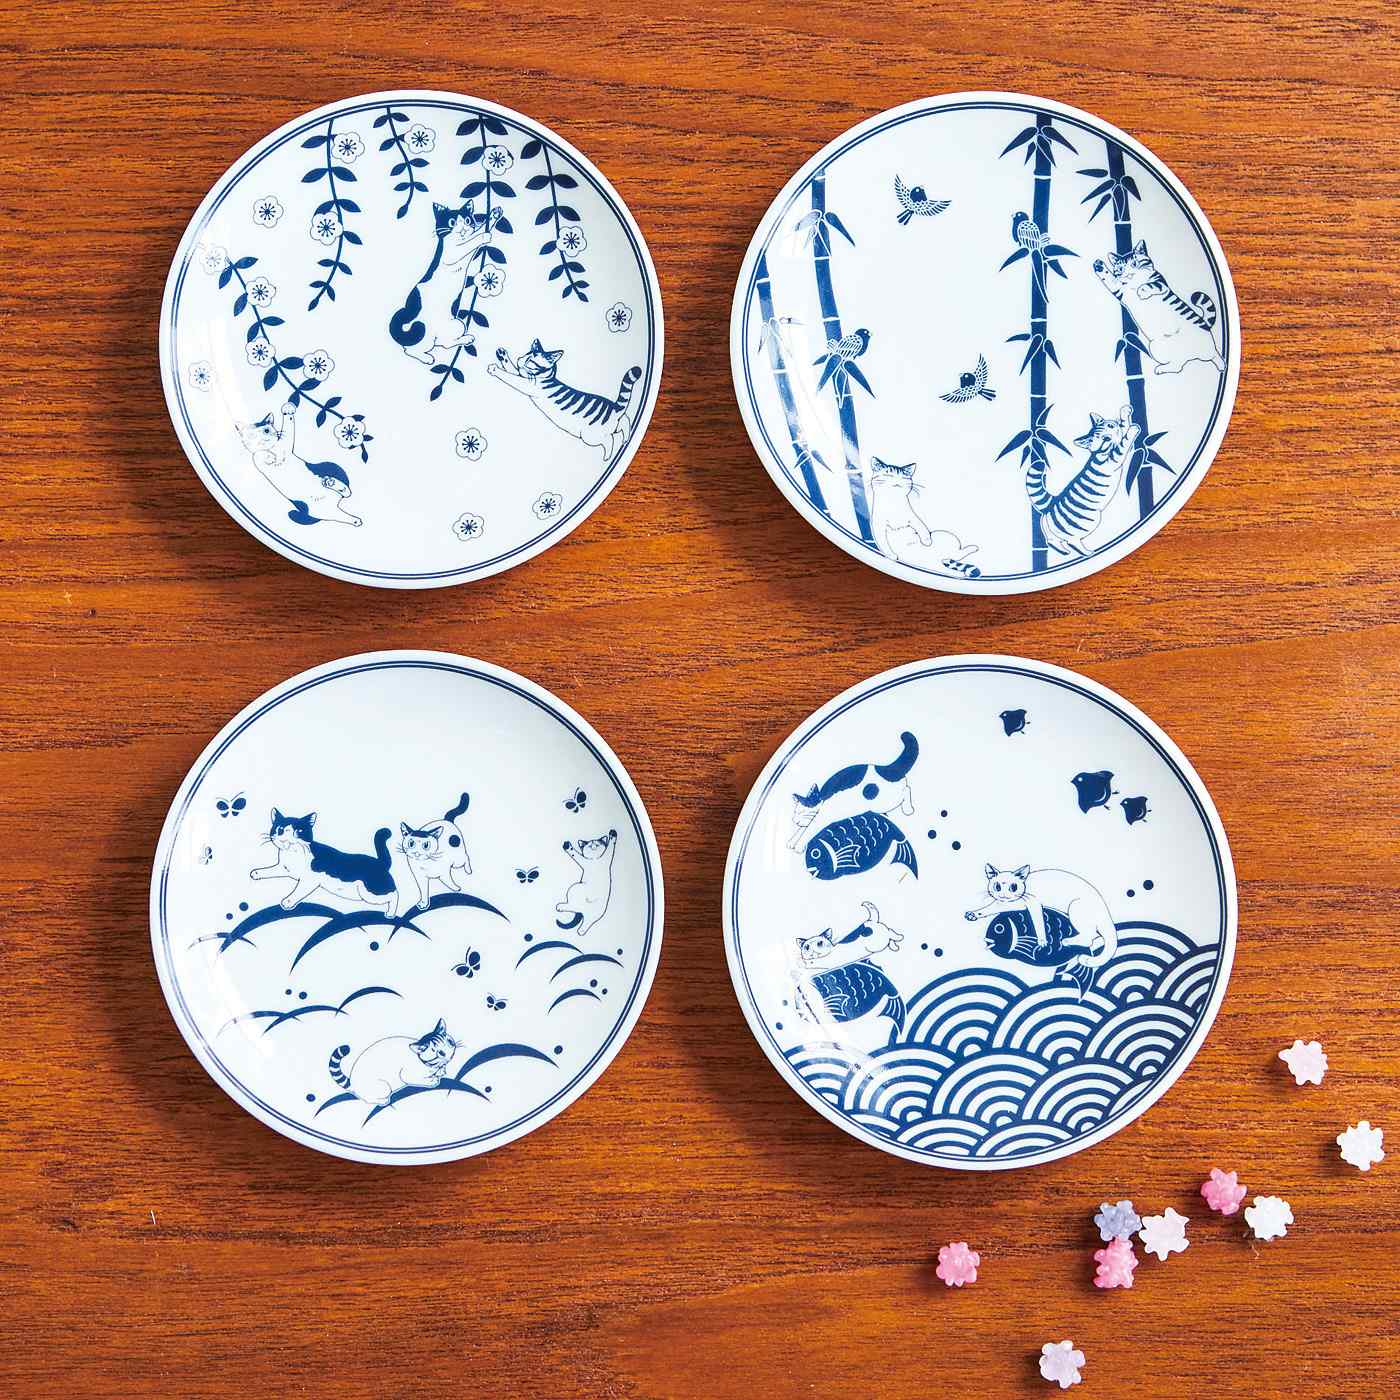 漫画家山野りんりんさんとつくった 自然の伝統柄と猫あるあるがコラボ 和柄豆皿の会